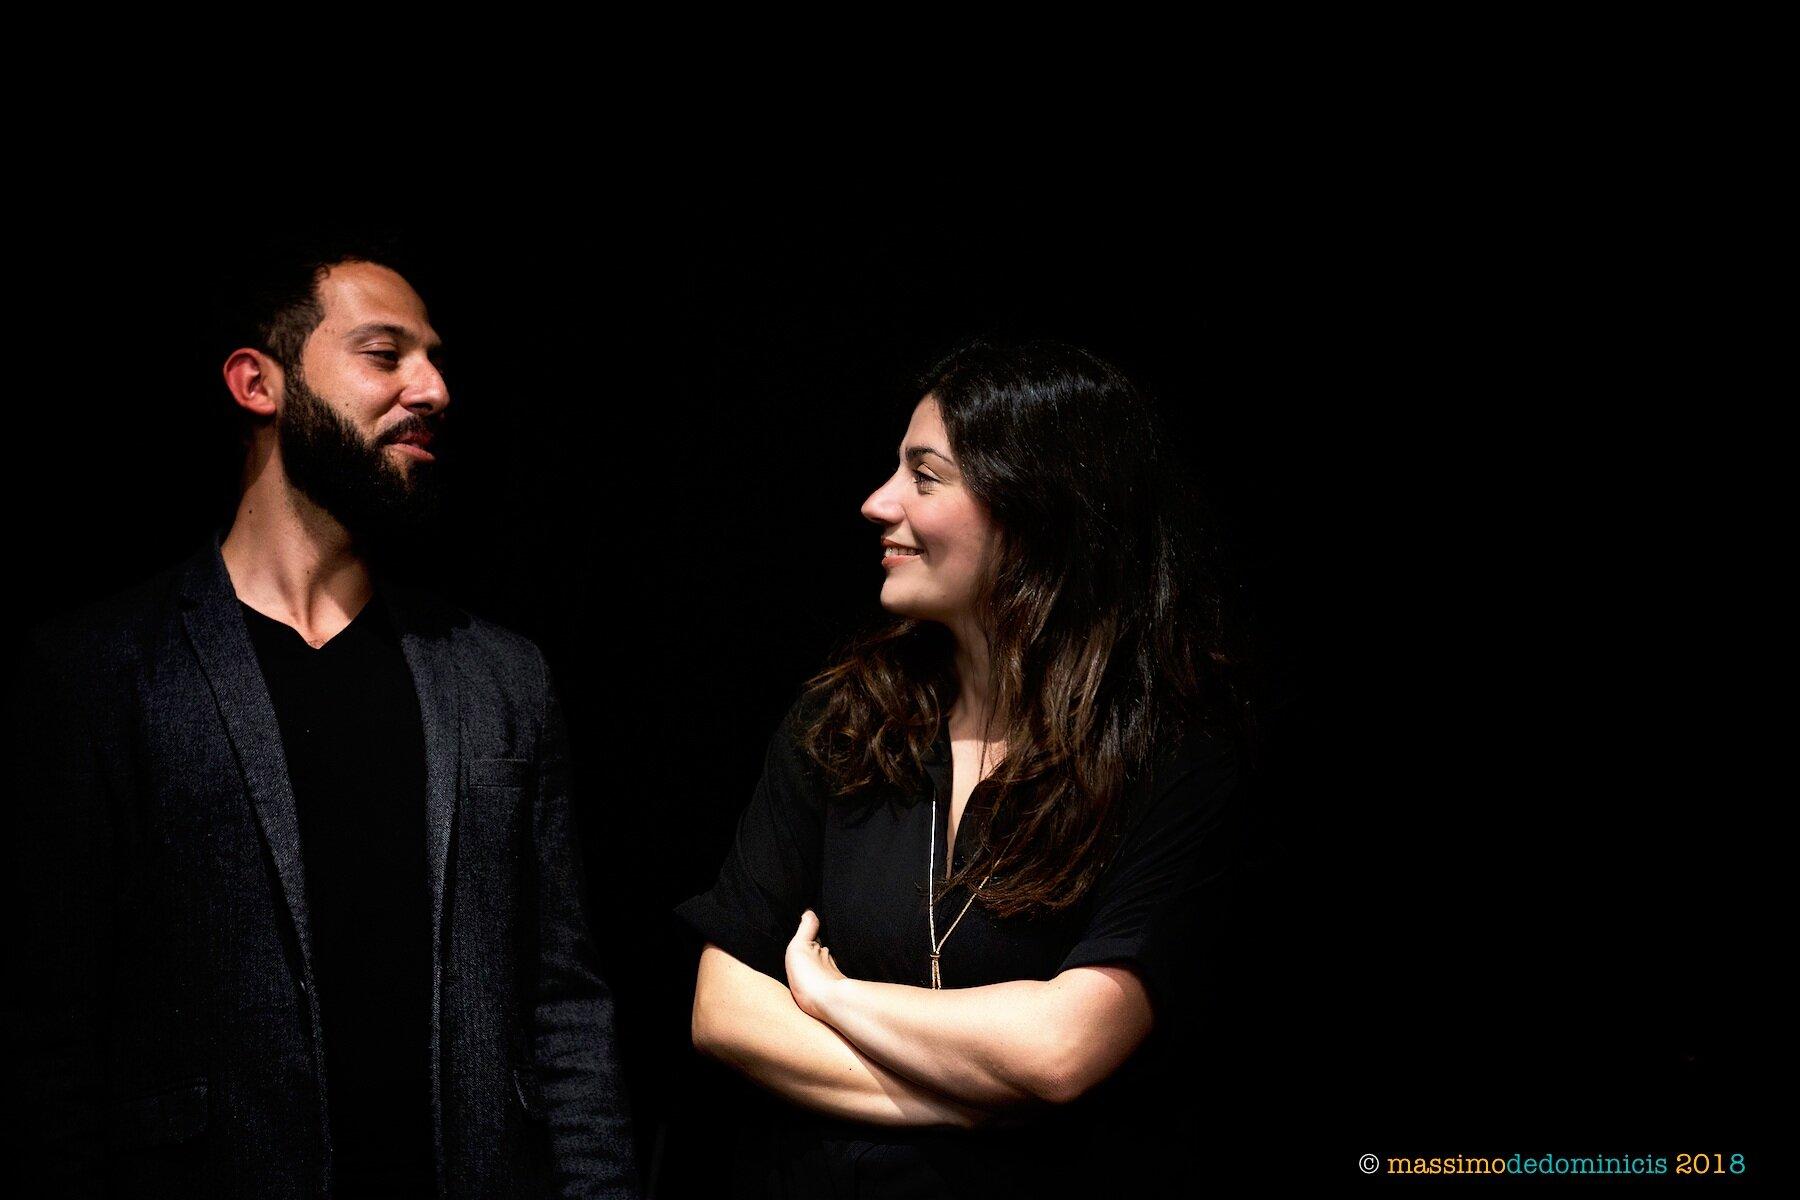 Ilaria Capalbo e Stefano Falcone - ph: Massimo De Dominicis